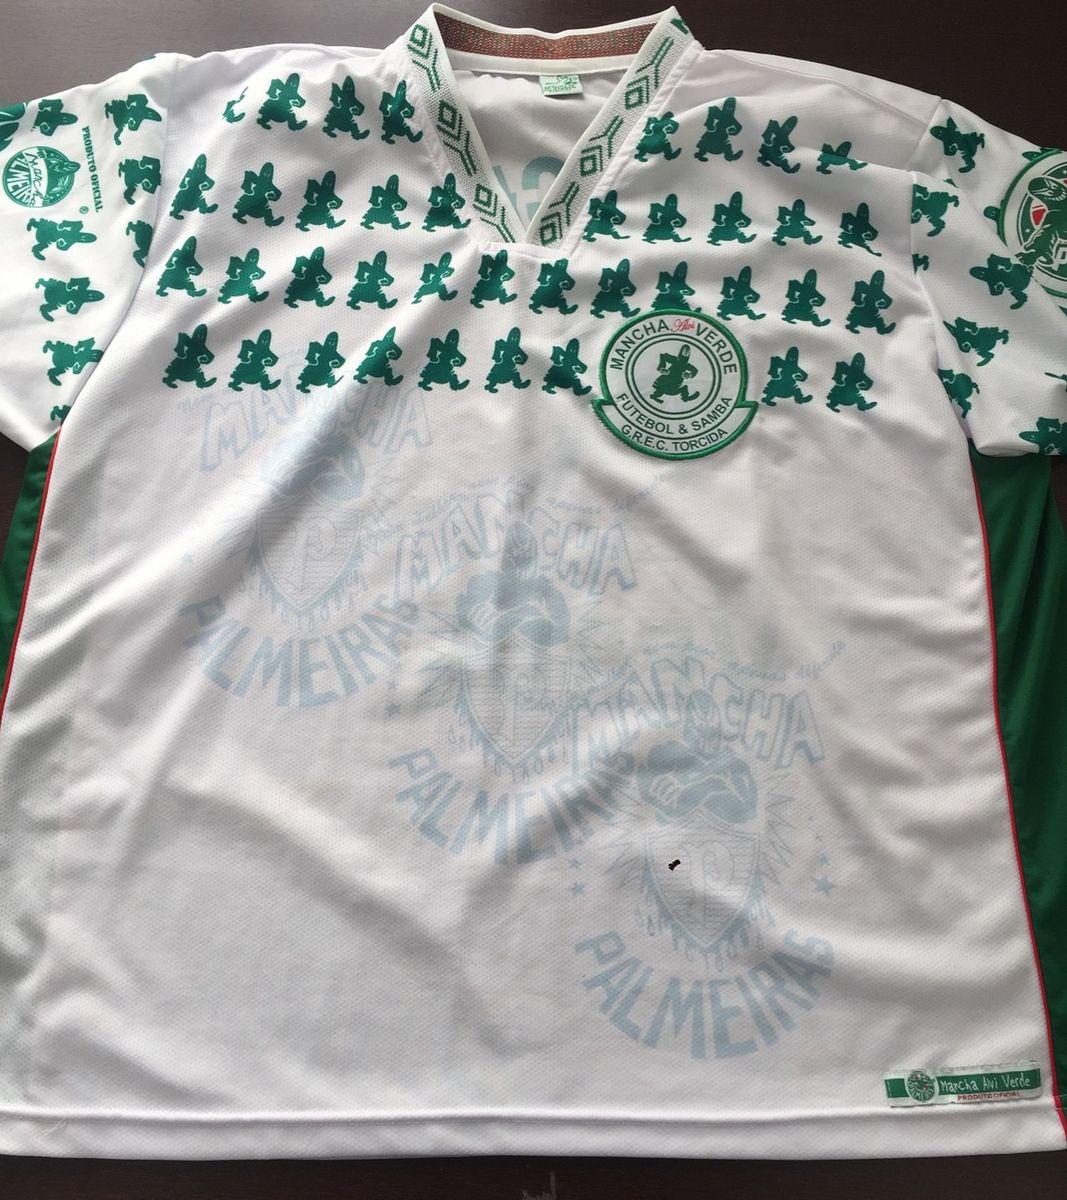 d825e0e592 camisa mancha verde modelo tradicional palmeiras - esportes mancha-verde